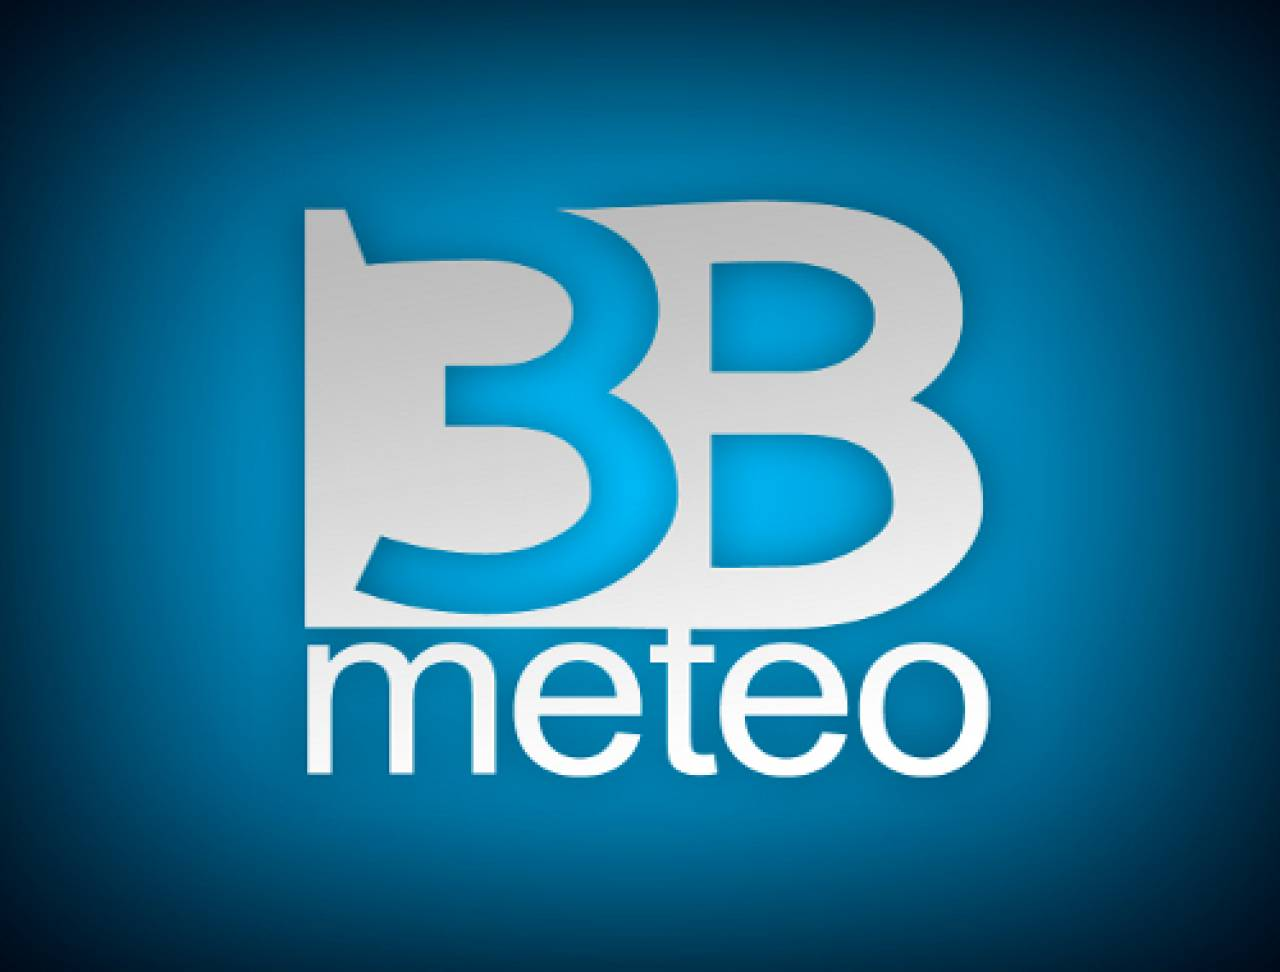 3b meteo milano piogge e temporali nel weekend sole da marted 3b meteo - 3b meteo bagno di romagna ...